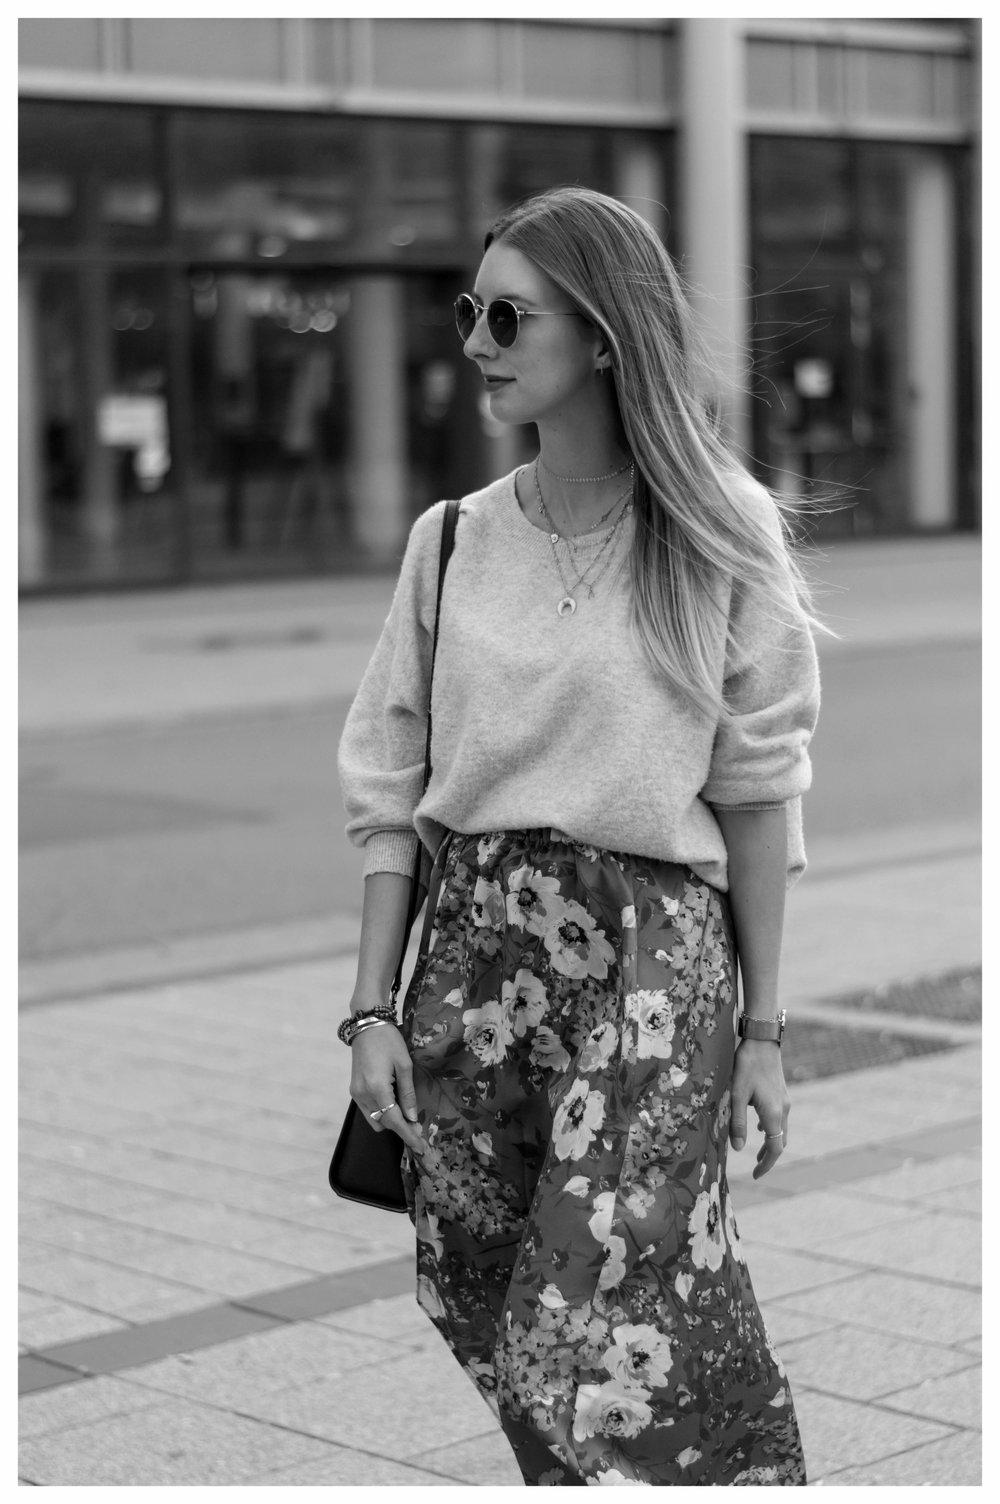 Floral Skirt Lux - OSIARAH.COM (15 sur 21).jpg